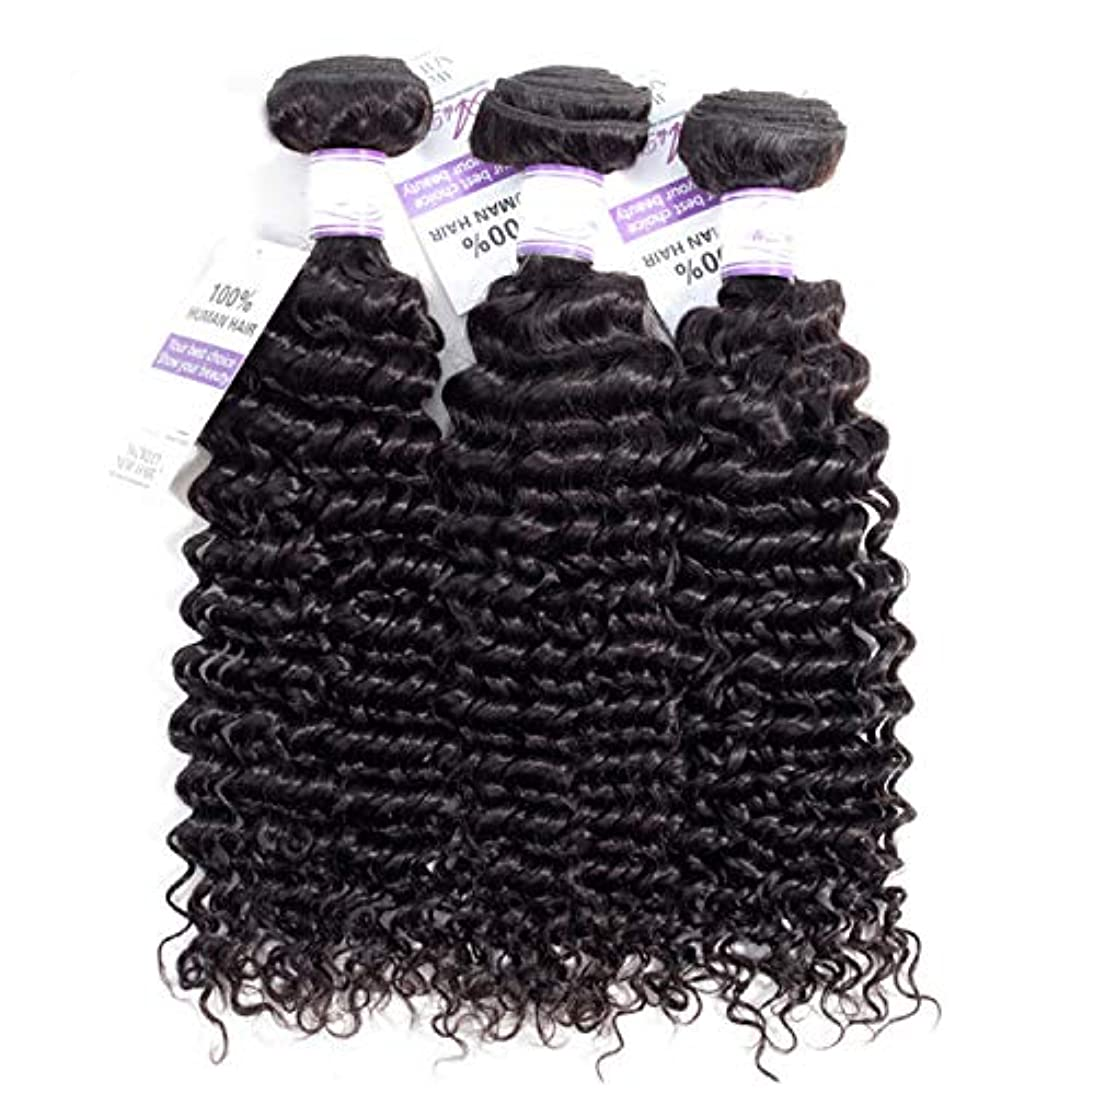 スクラップトーストアクセシブルブラジルのディープウェーブヘア織りバンドル100%人毛製織ナチュラルカラー非レミー髪は3個購入することができます かつら (Stretched Length : 24 26 28 inches)